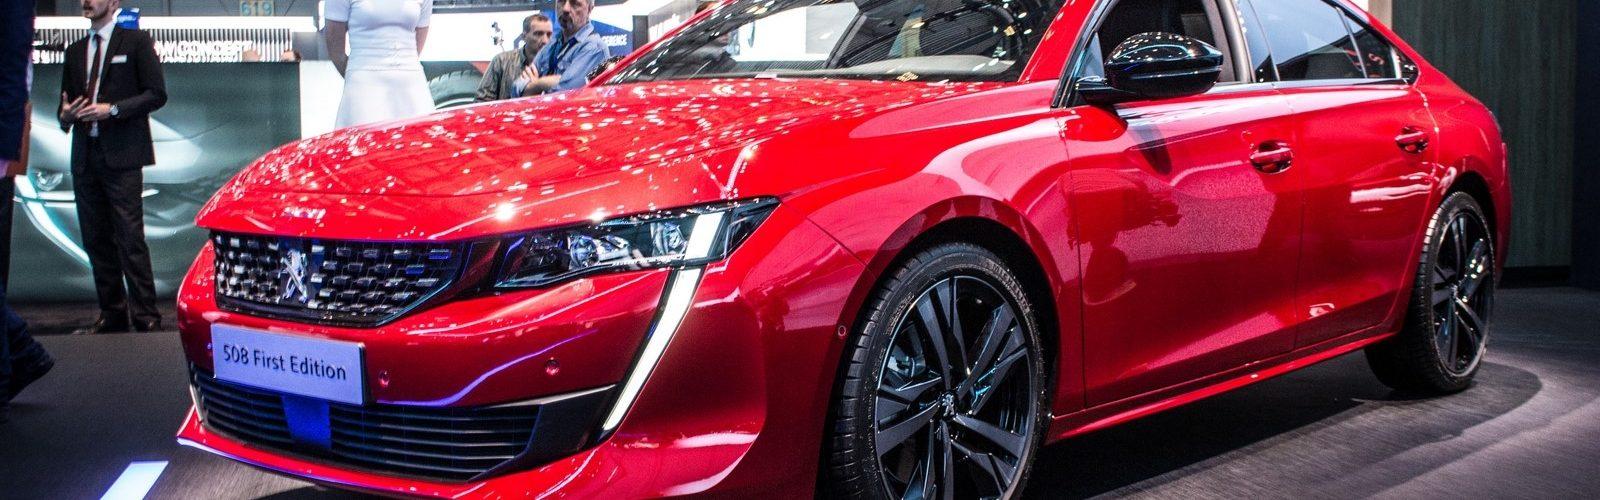 Geneve 2018 Peugeot LeNouvelAutomobiliste 73